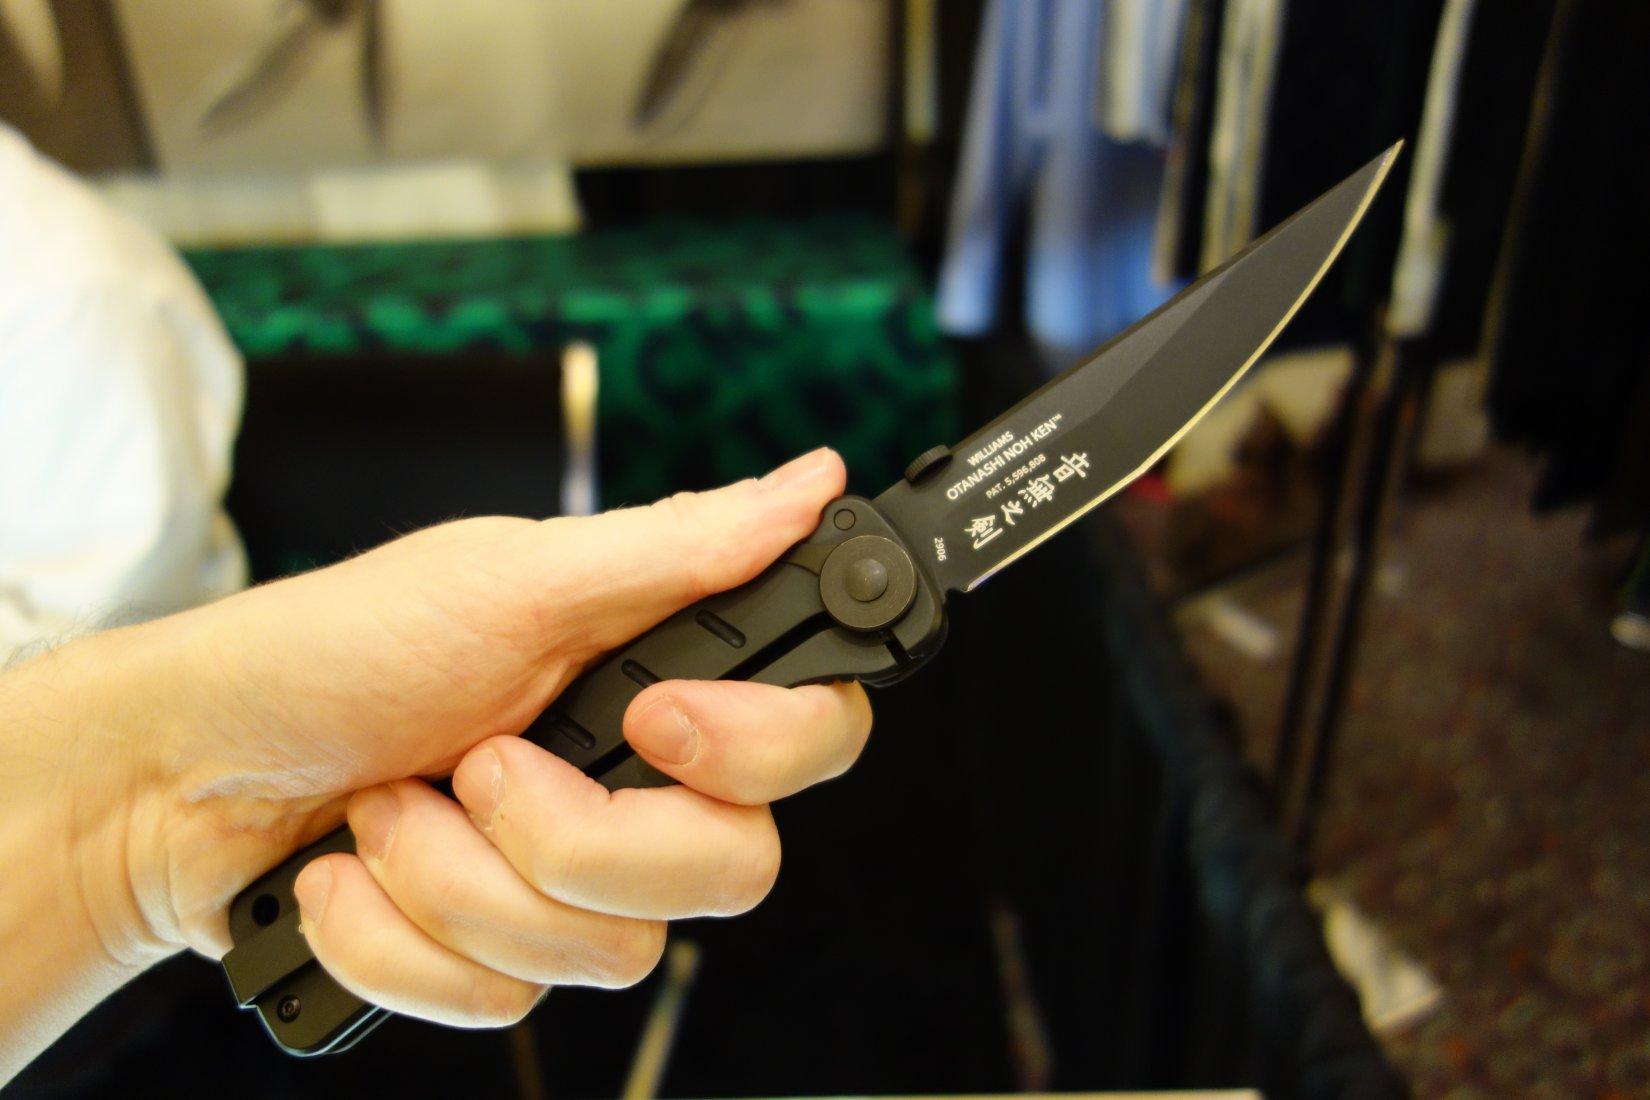 James Williams/CRKT Otanashi noh Ken Combat/Tactical Folder: Silent-Opening, Folding Tactical Knife with Intimidating 4.52″ Osoraku-Zukuri Tanto-Style Blade! (Video!)